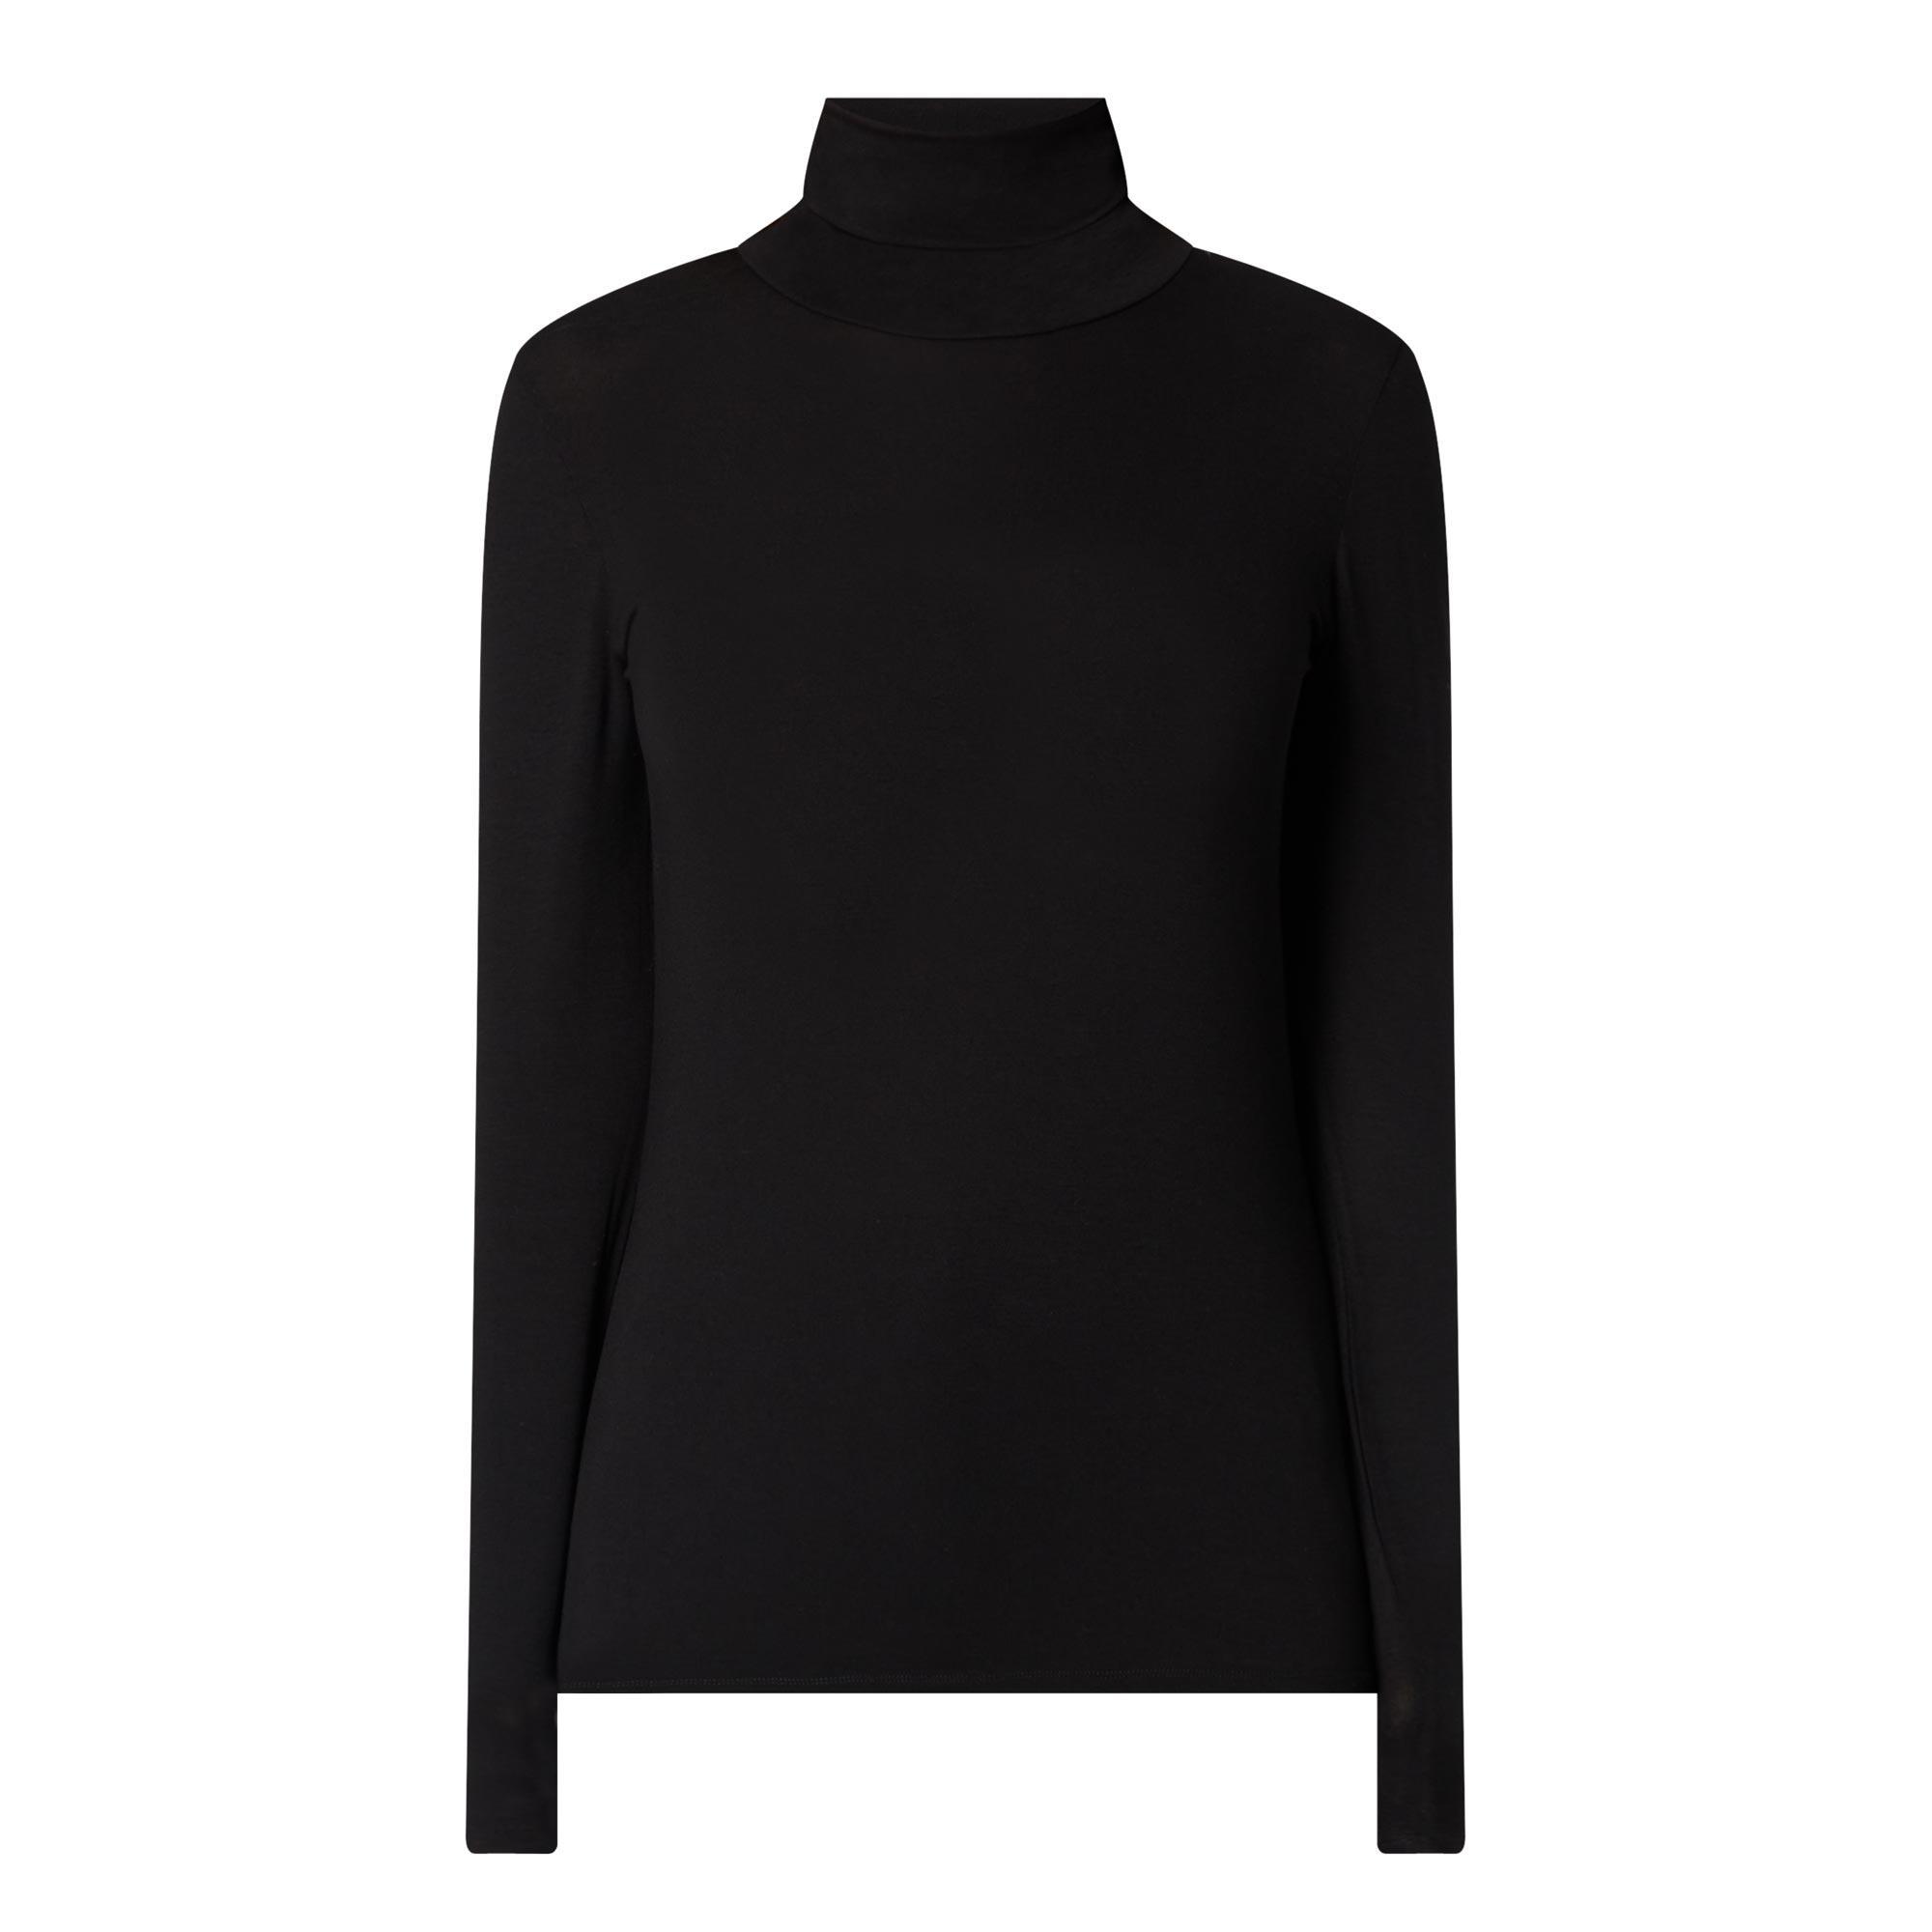 MultiF Long-Sleeved Top